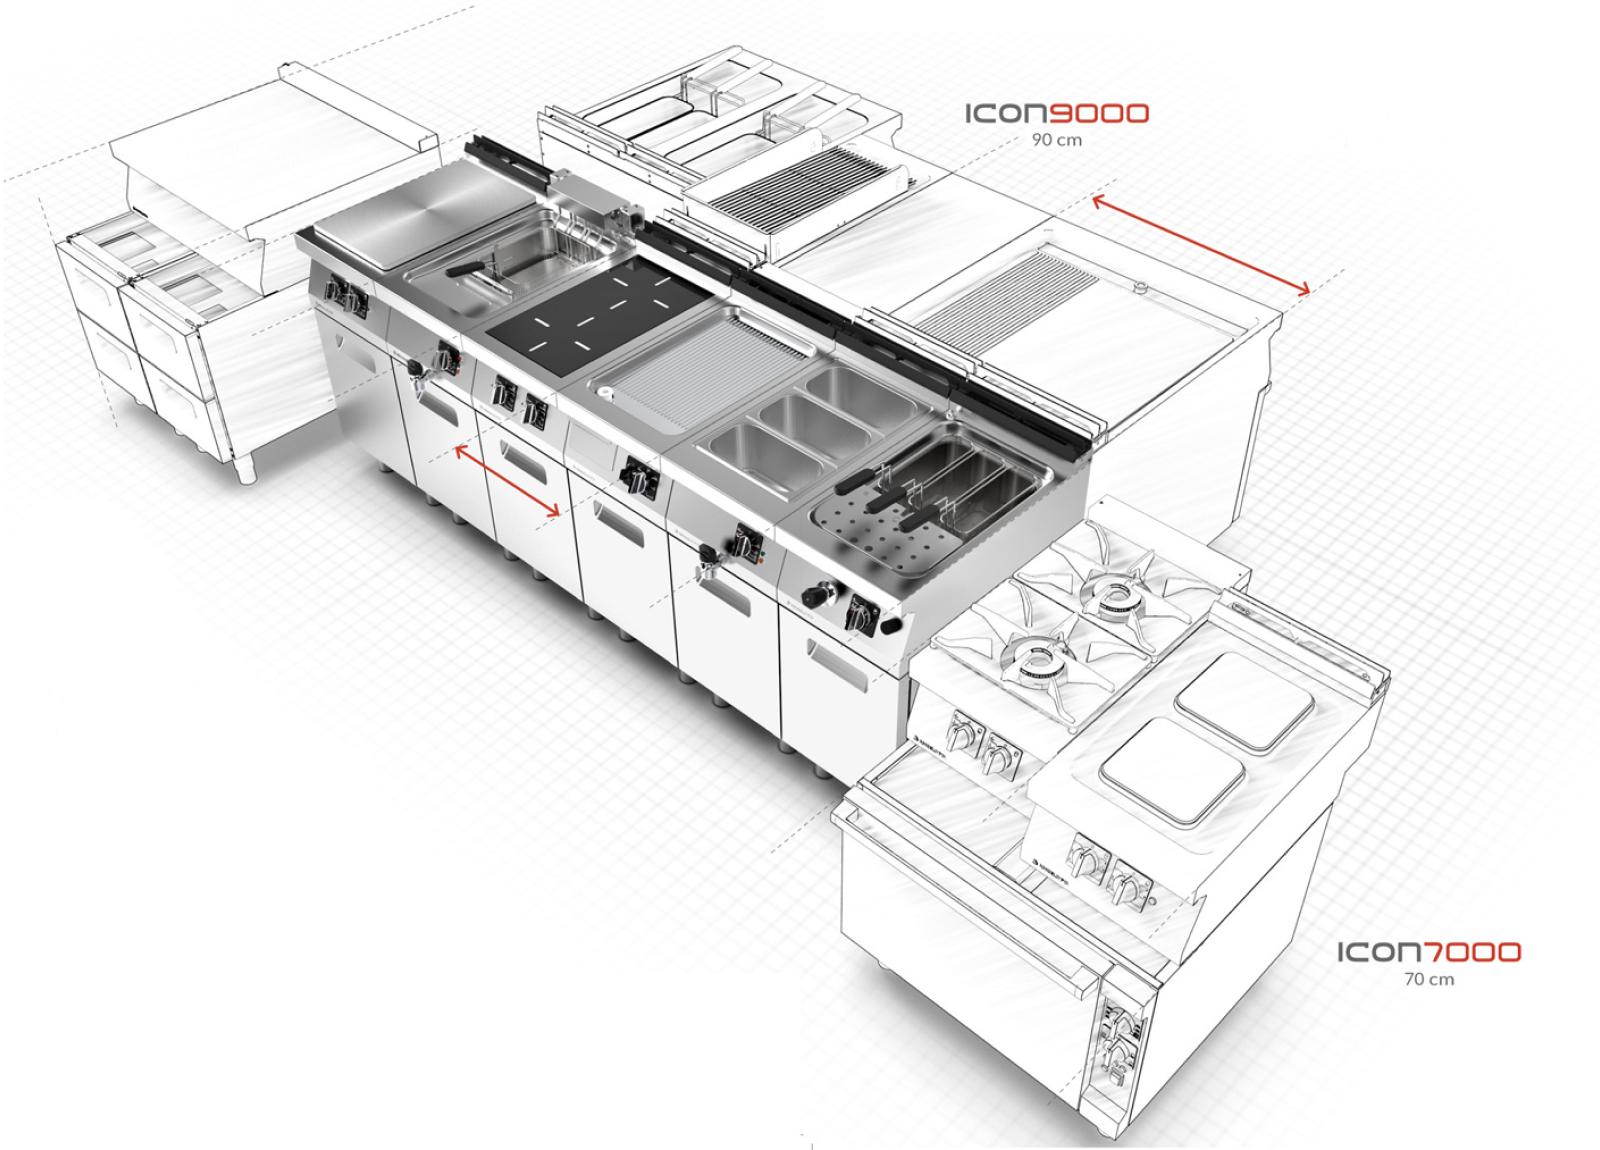 ICON7000-cucina-modulare